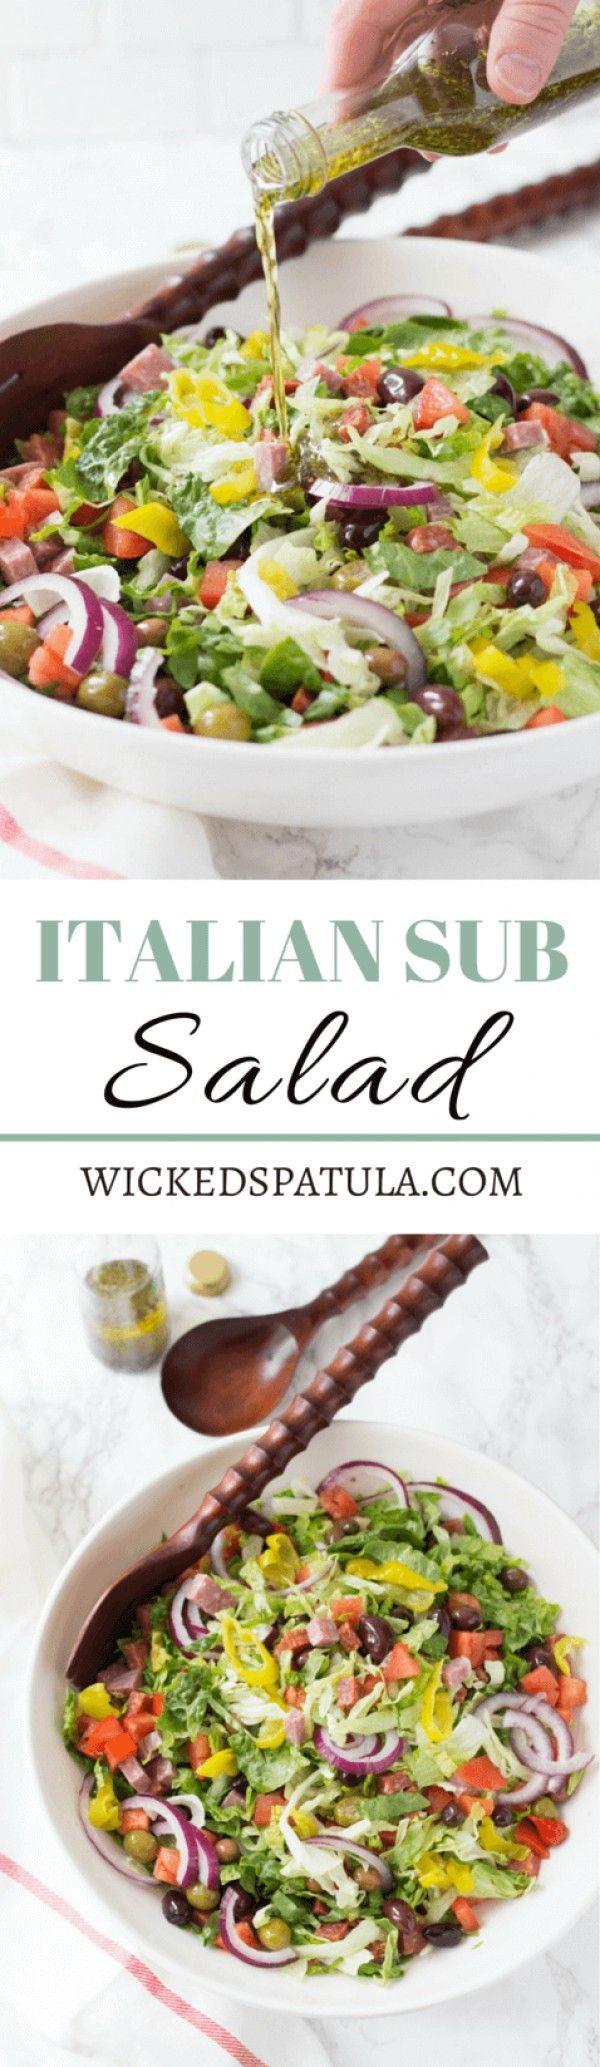 Get the recipe ♥️ Italian Sub Salad Recipe